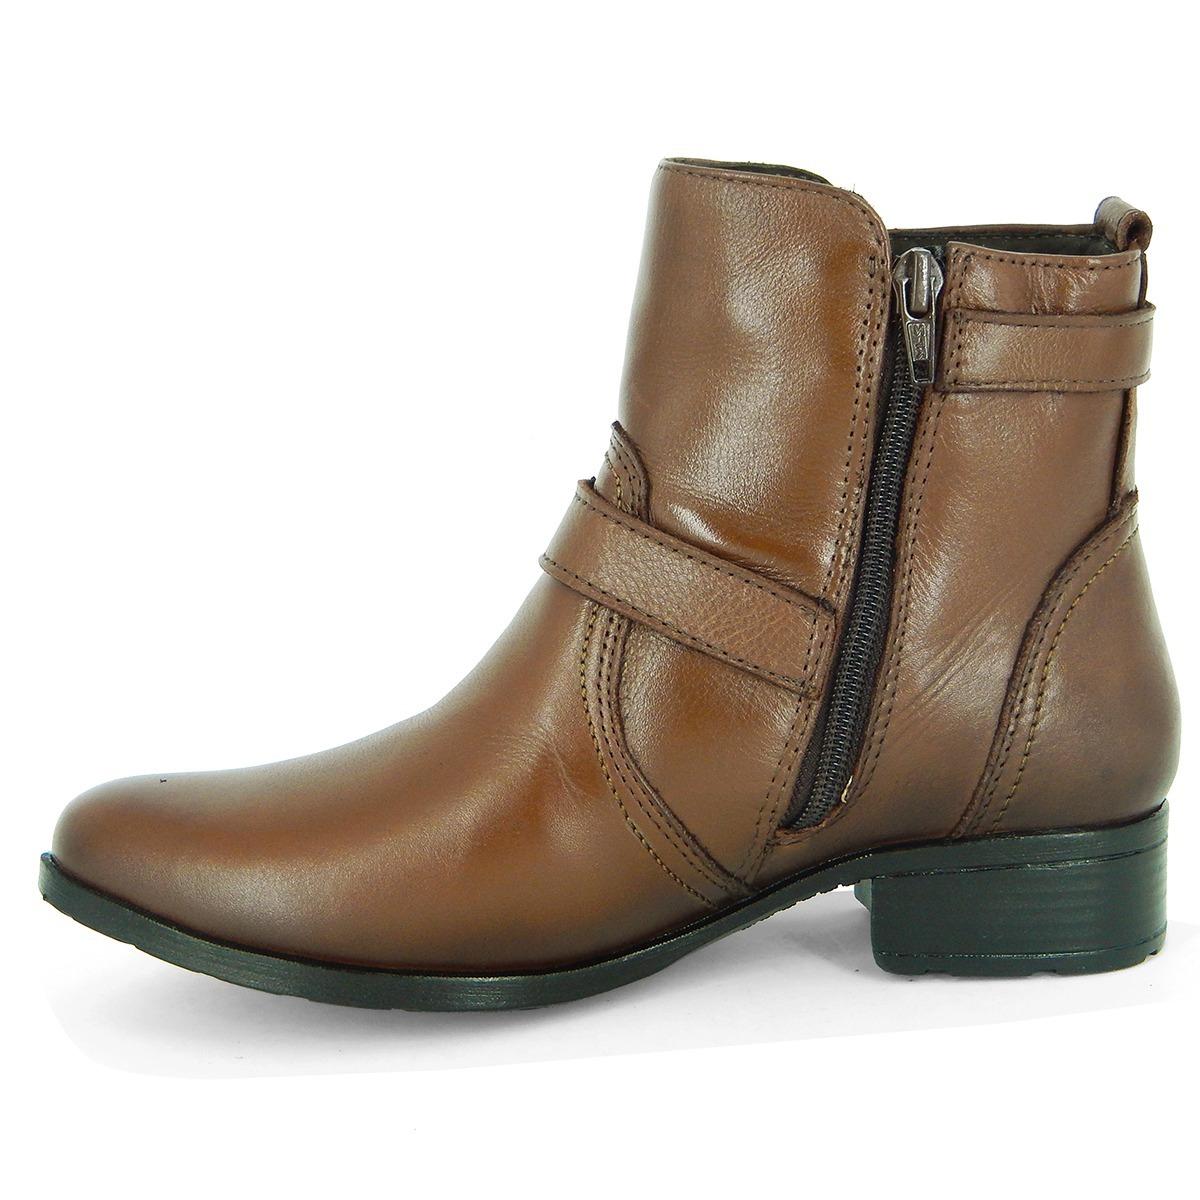 3bc3b9469 bota feminina cano curto com salto e ziper couro legítimo... Carregando zoom .